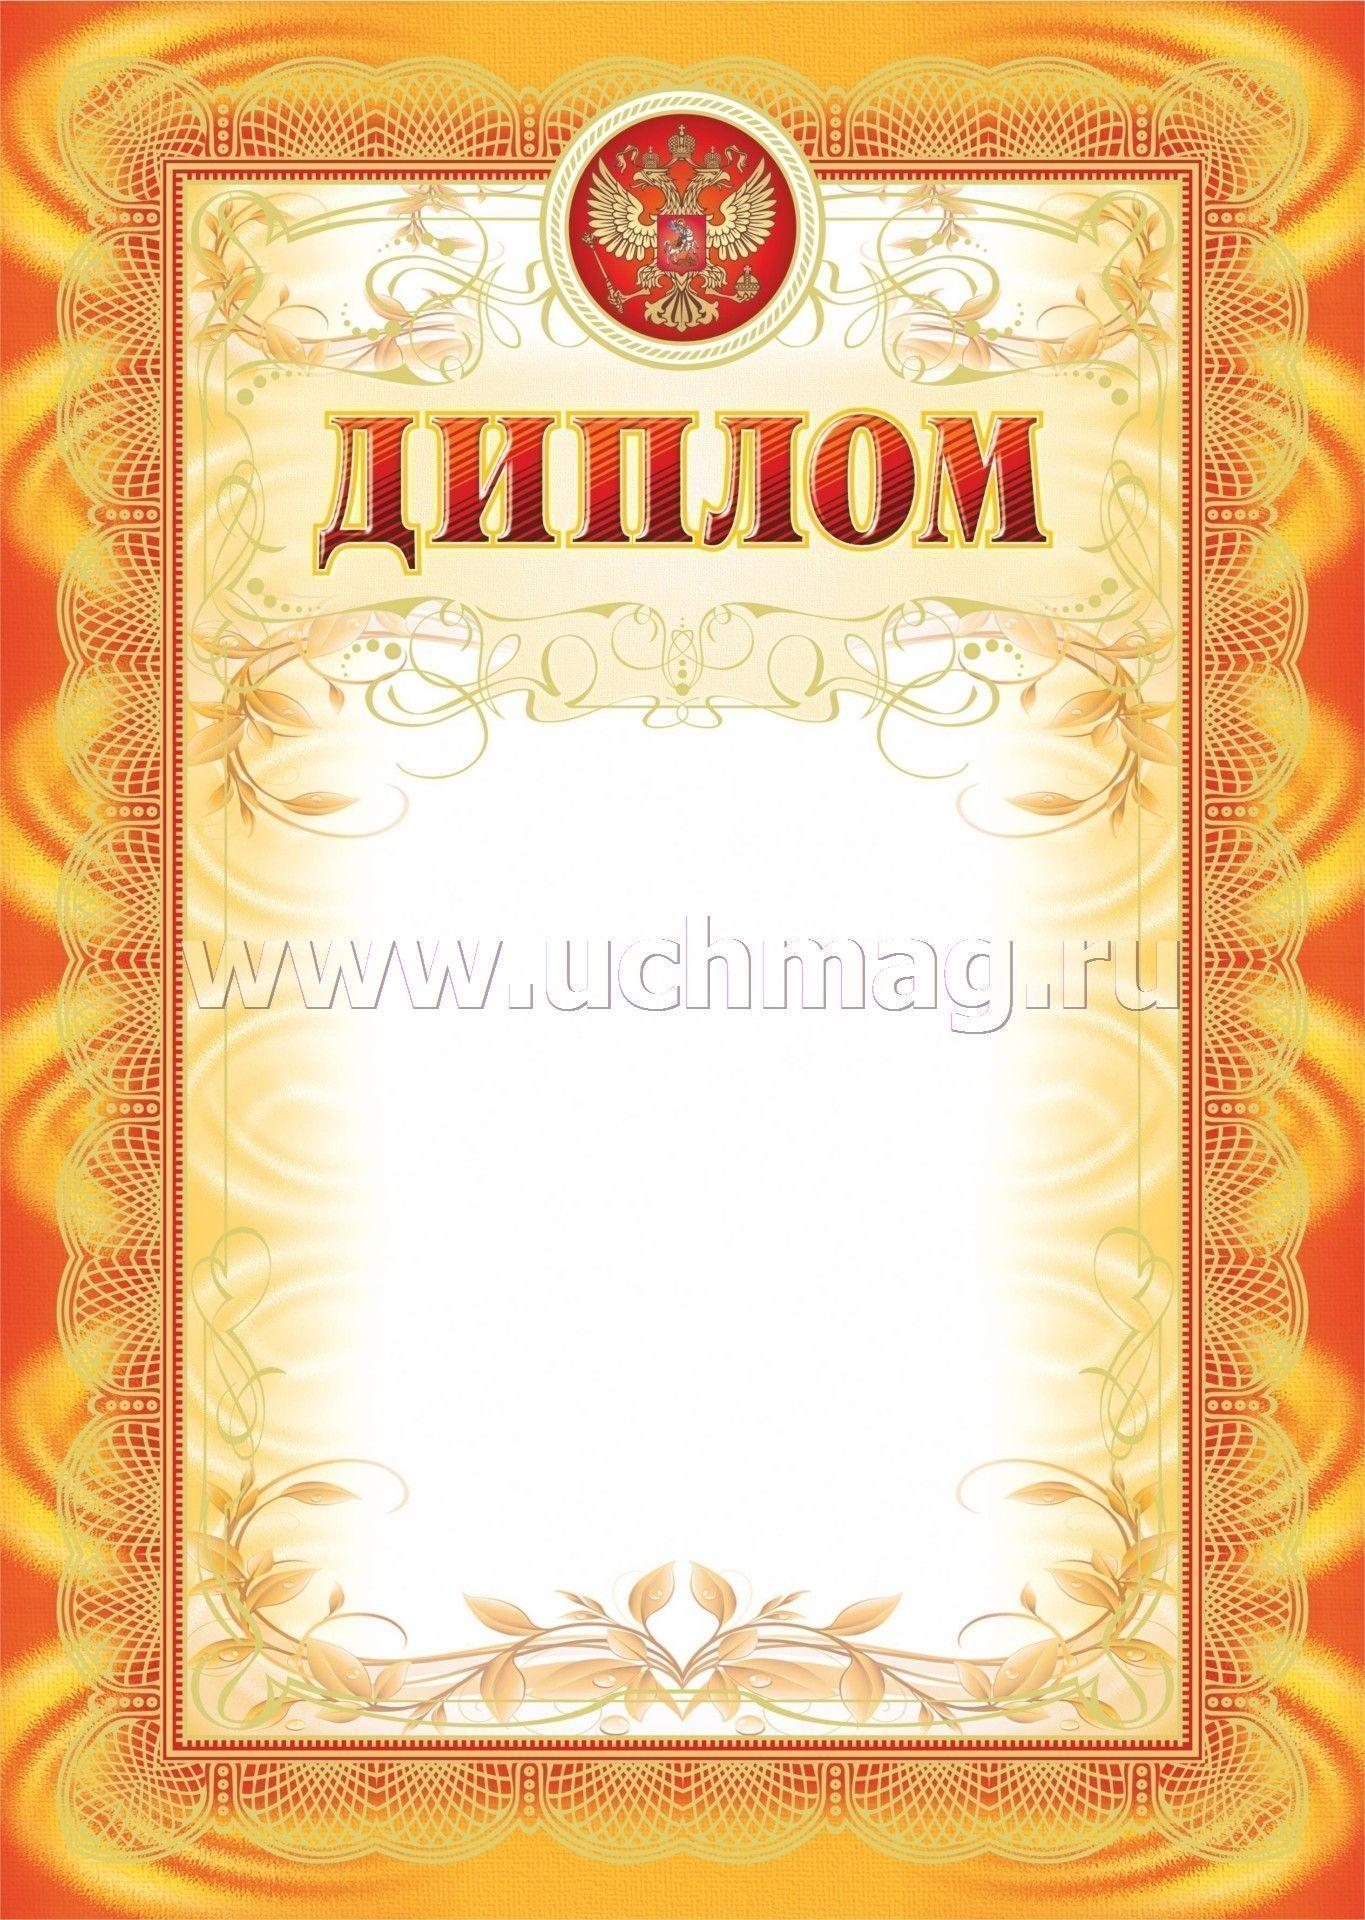 Диплом рамка оранжевая с тиснением купить по цене руб  Диплом рамка оранжевая с тиснением интернет магазин УчМаг